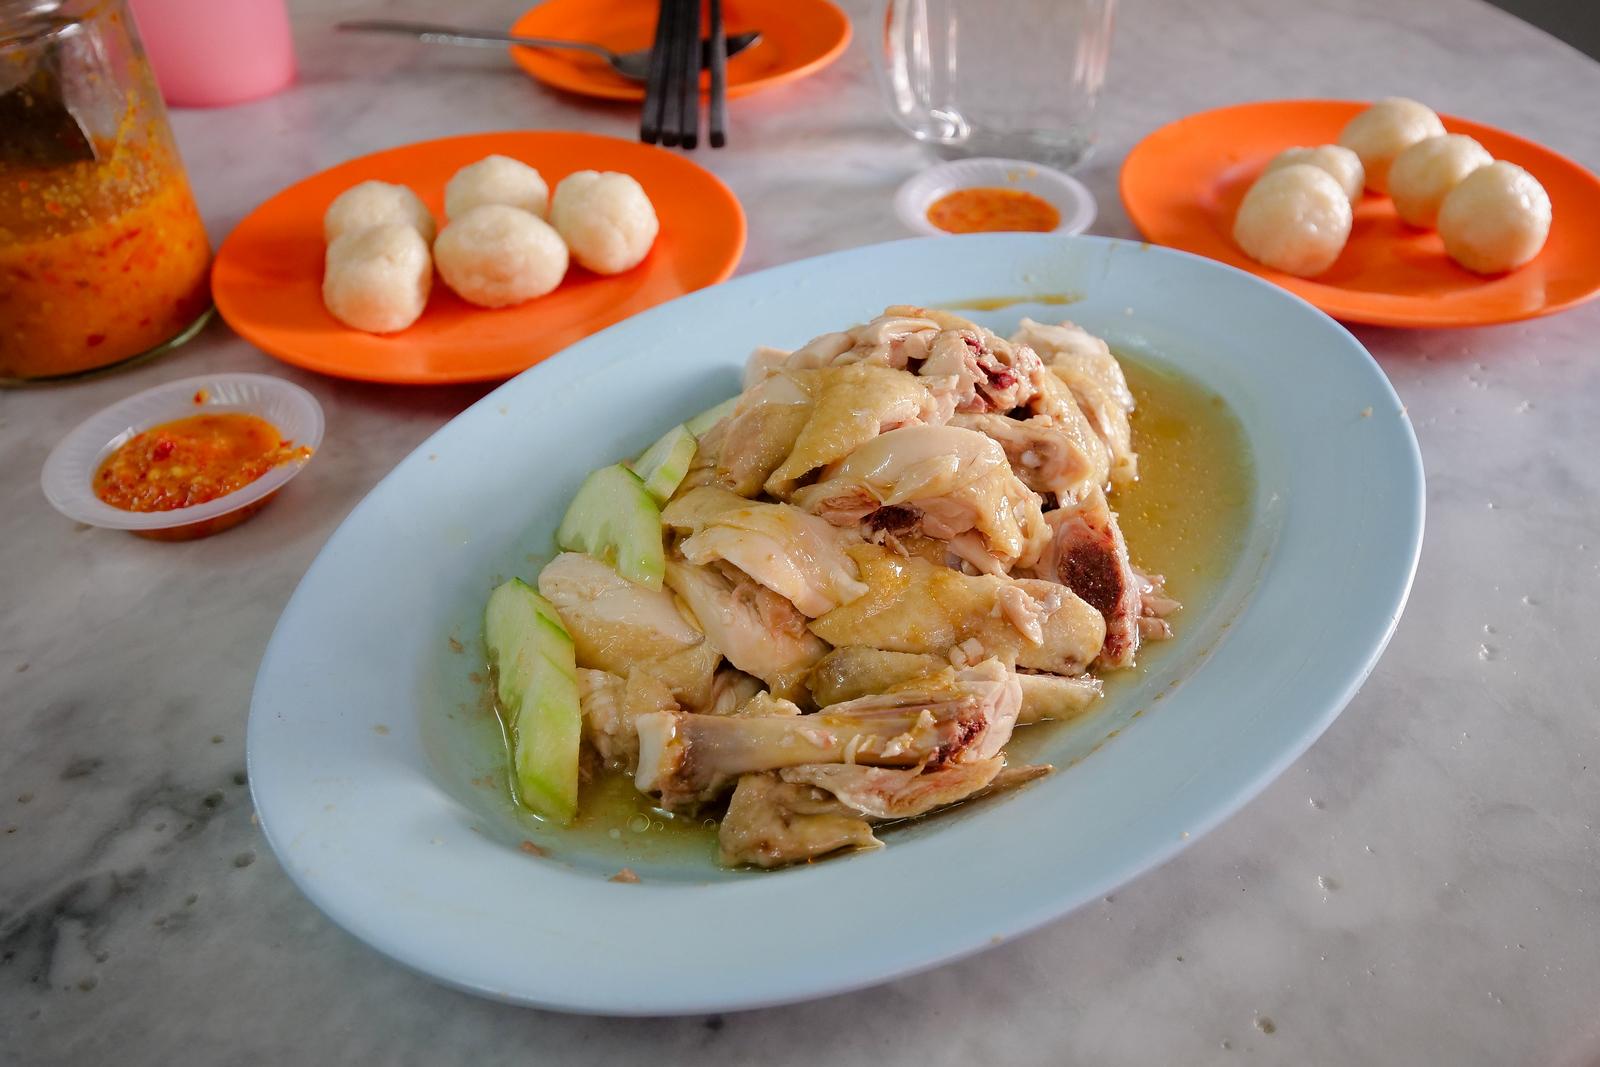 Chicken Rice at Kedai Kopi Chung Wah